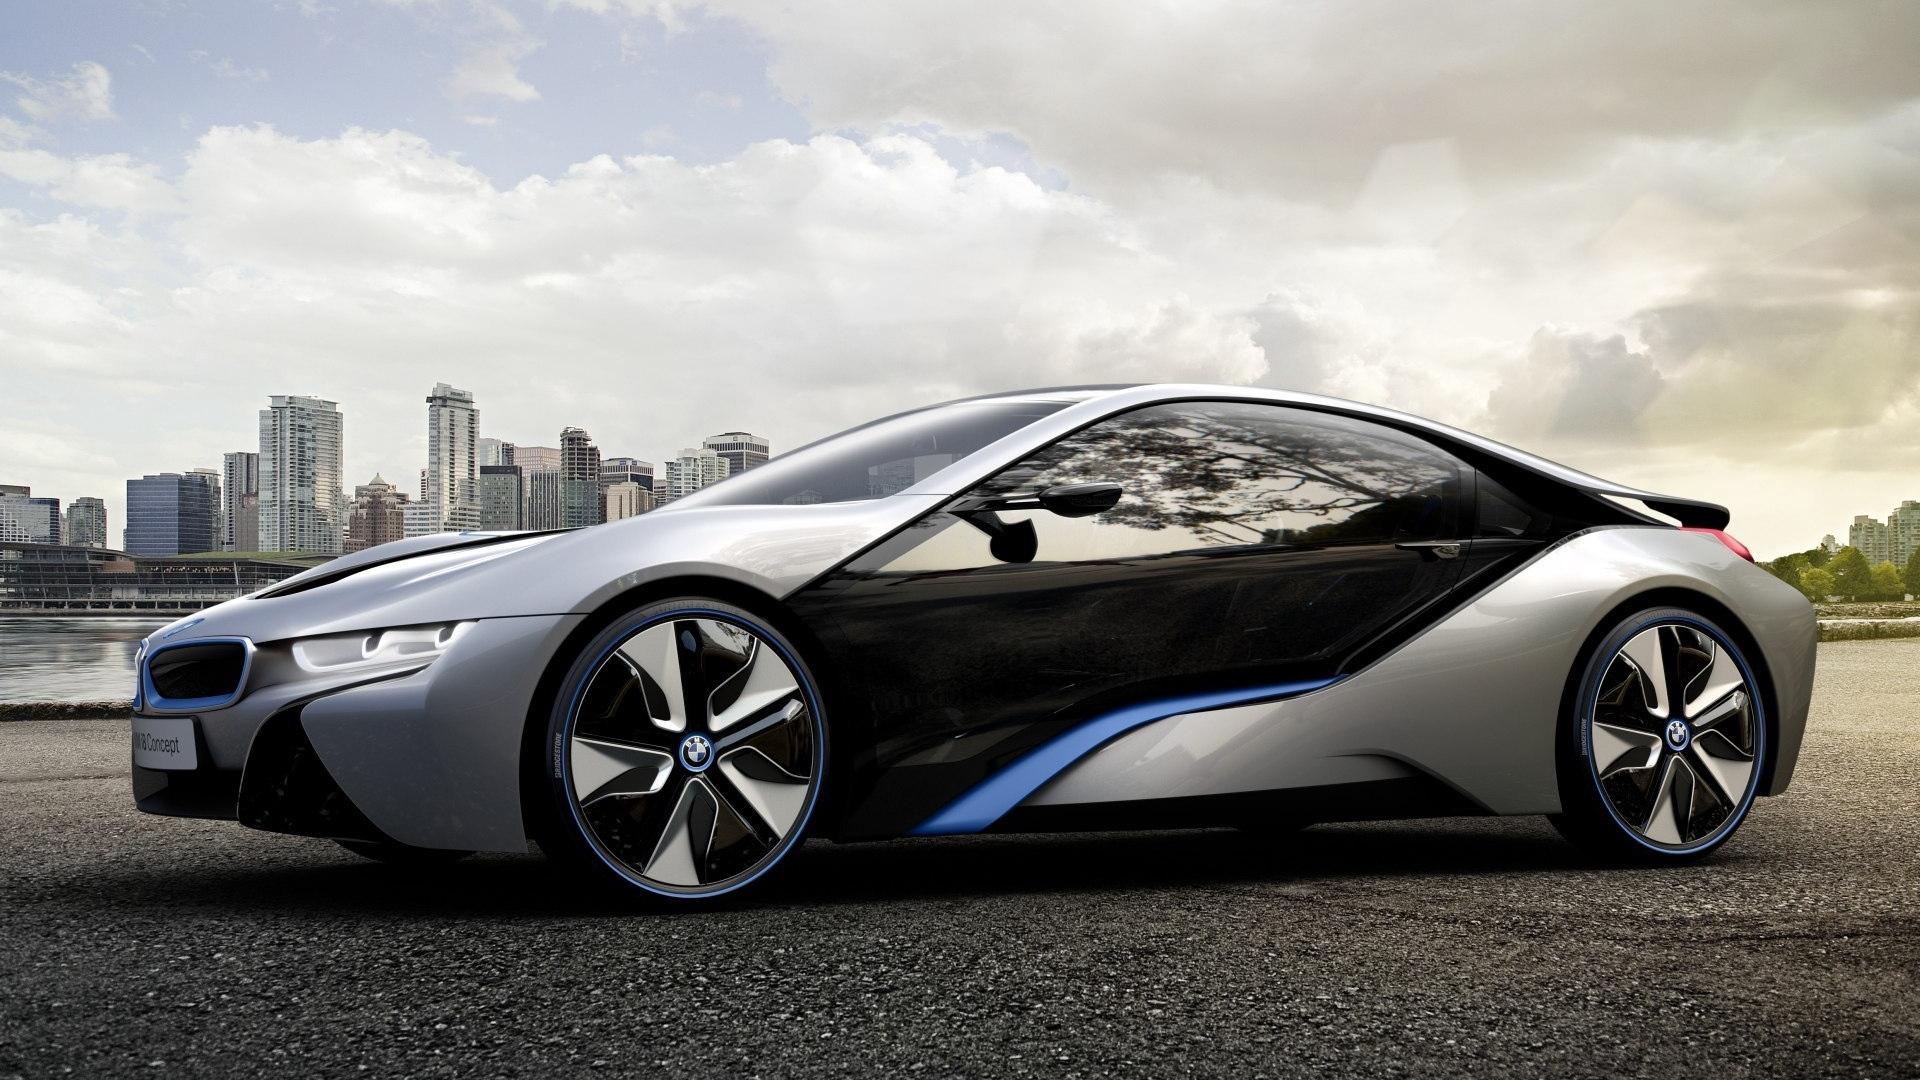 Lexus es 300h 2021 5k. Wallpaper Bmw I8 Concept Car Dark Desktop Car Wallpaper Full Hd 1920x1080 Wallpaper Teahub Io